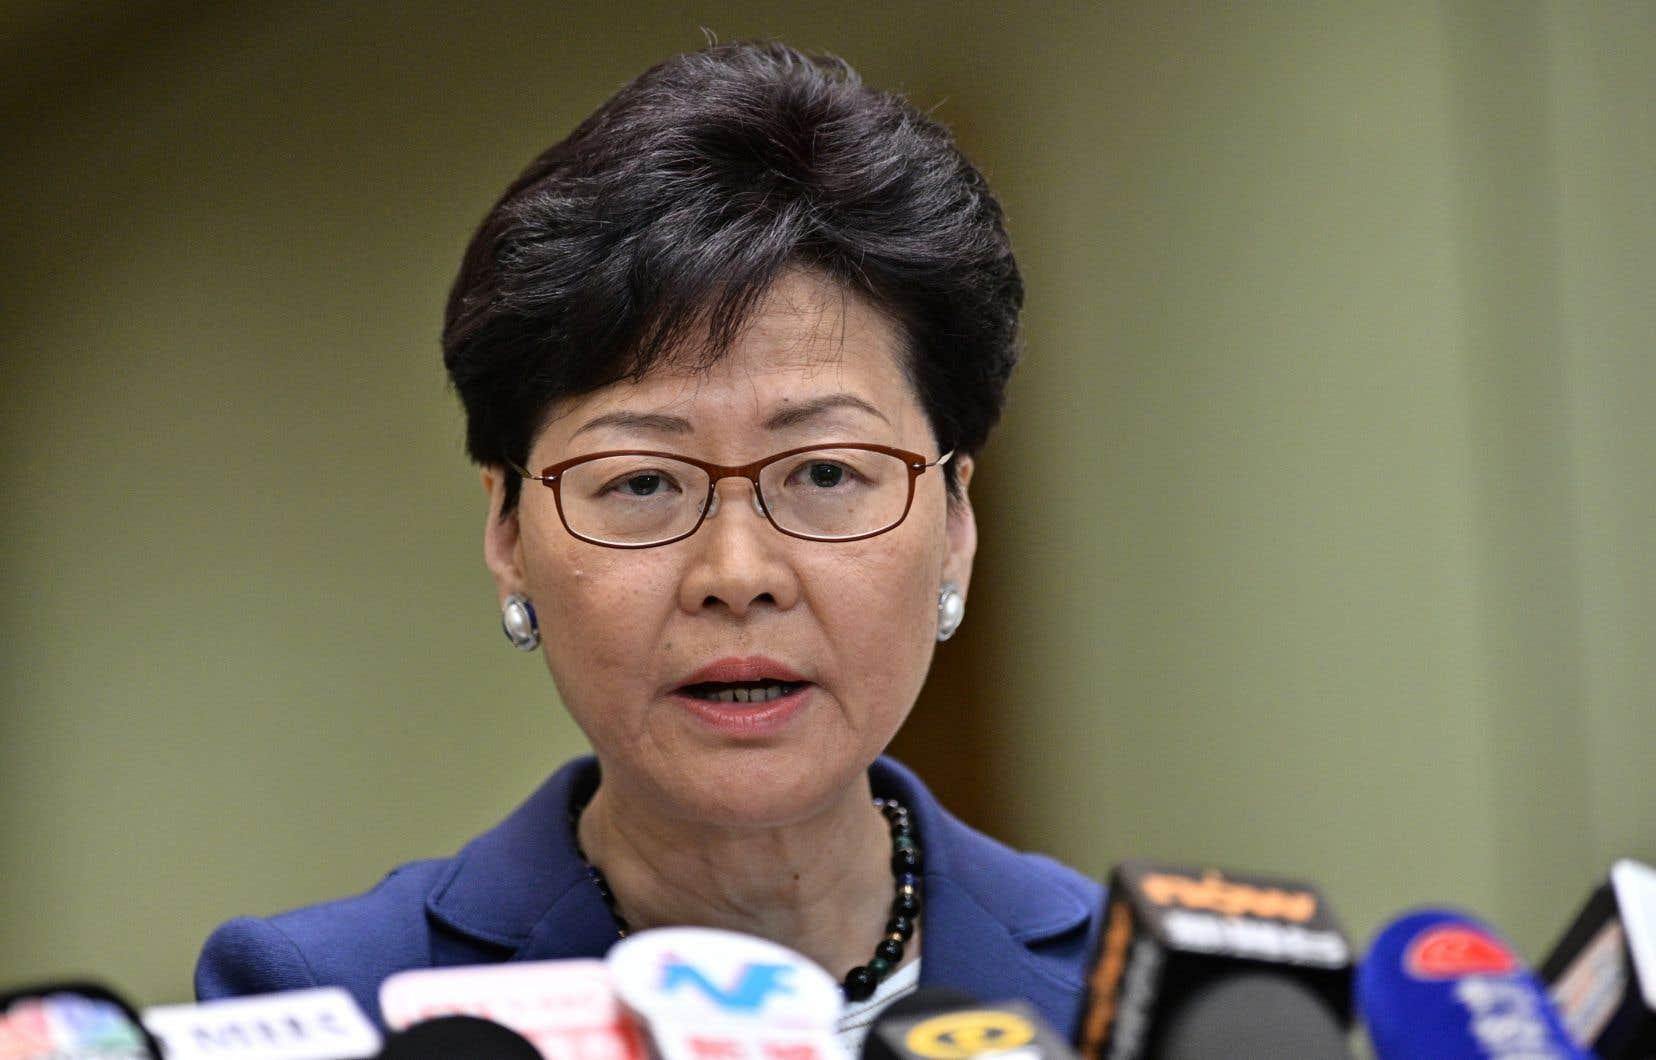 «C'est une loi très importante qui va permettre de faire triompher la justice et assurera que Hong Kong respecte ses obligations internationales en matière de criminalité transfrontalière et transnationale», a déclaré aux journalistes la cheffe de l'exécutif hongkongais, Carrie Lam.